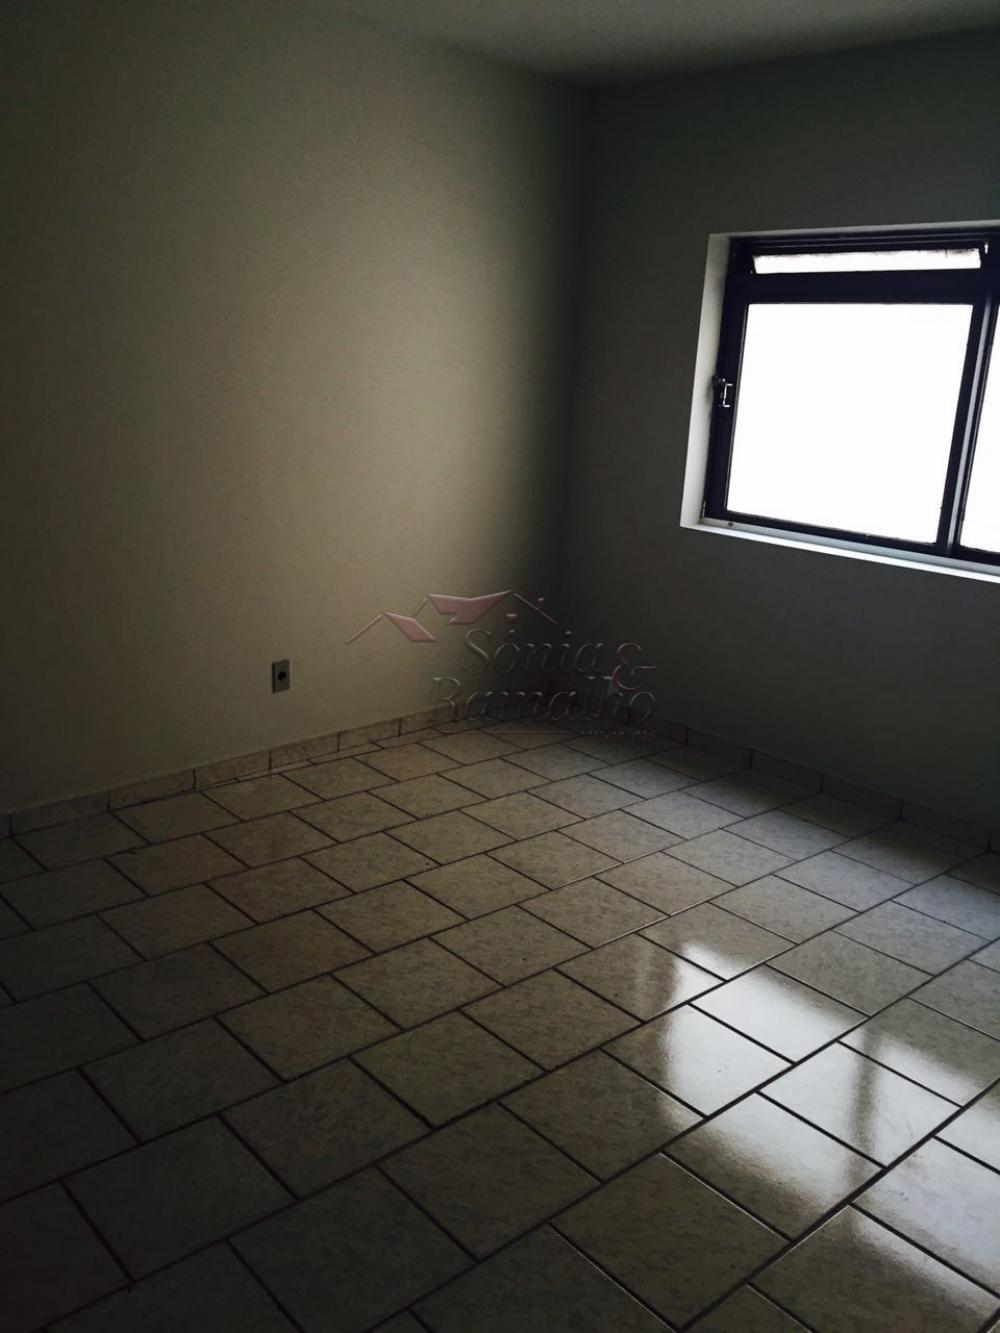 Comprar Apartamentos / Padrão em Ribeirão Preto apenas R$ 100.000,00 - Foto 2